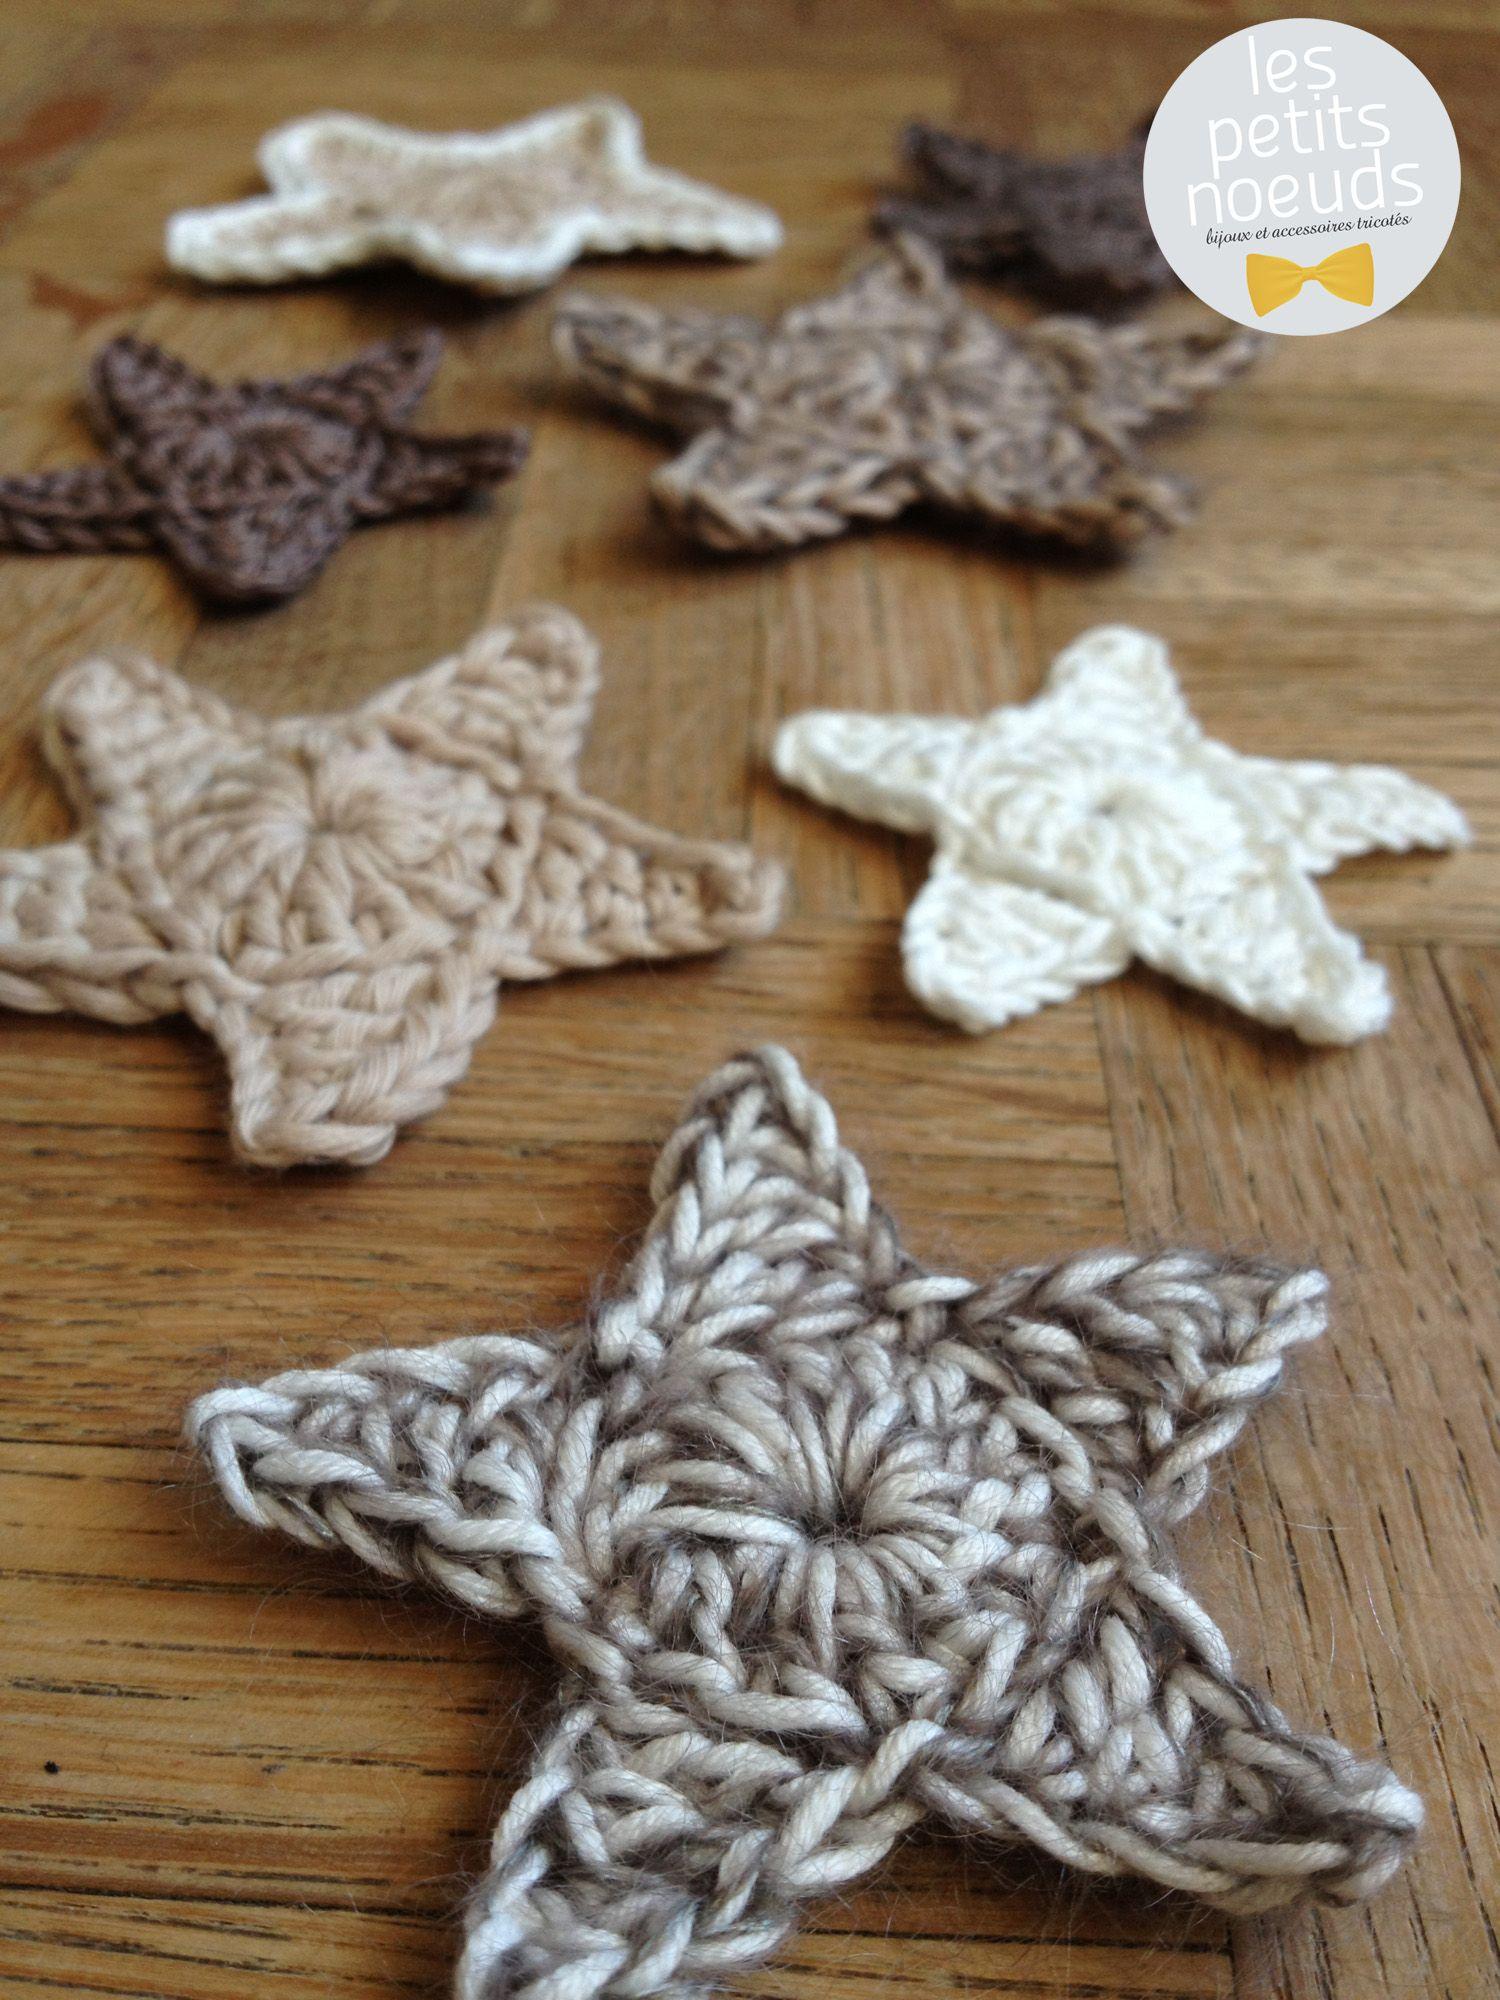 Etoiles de noel au crochet just beautiful decoration noel noel et no l crochet - Decoration au crochet ...